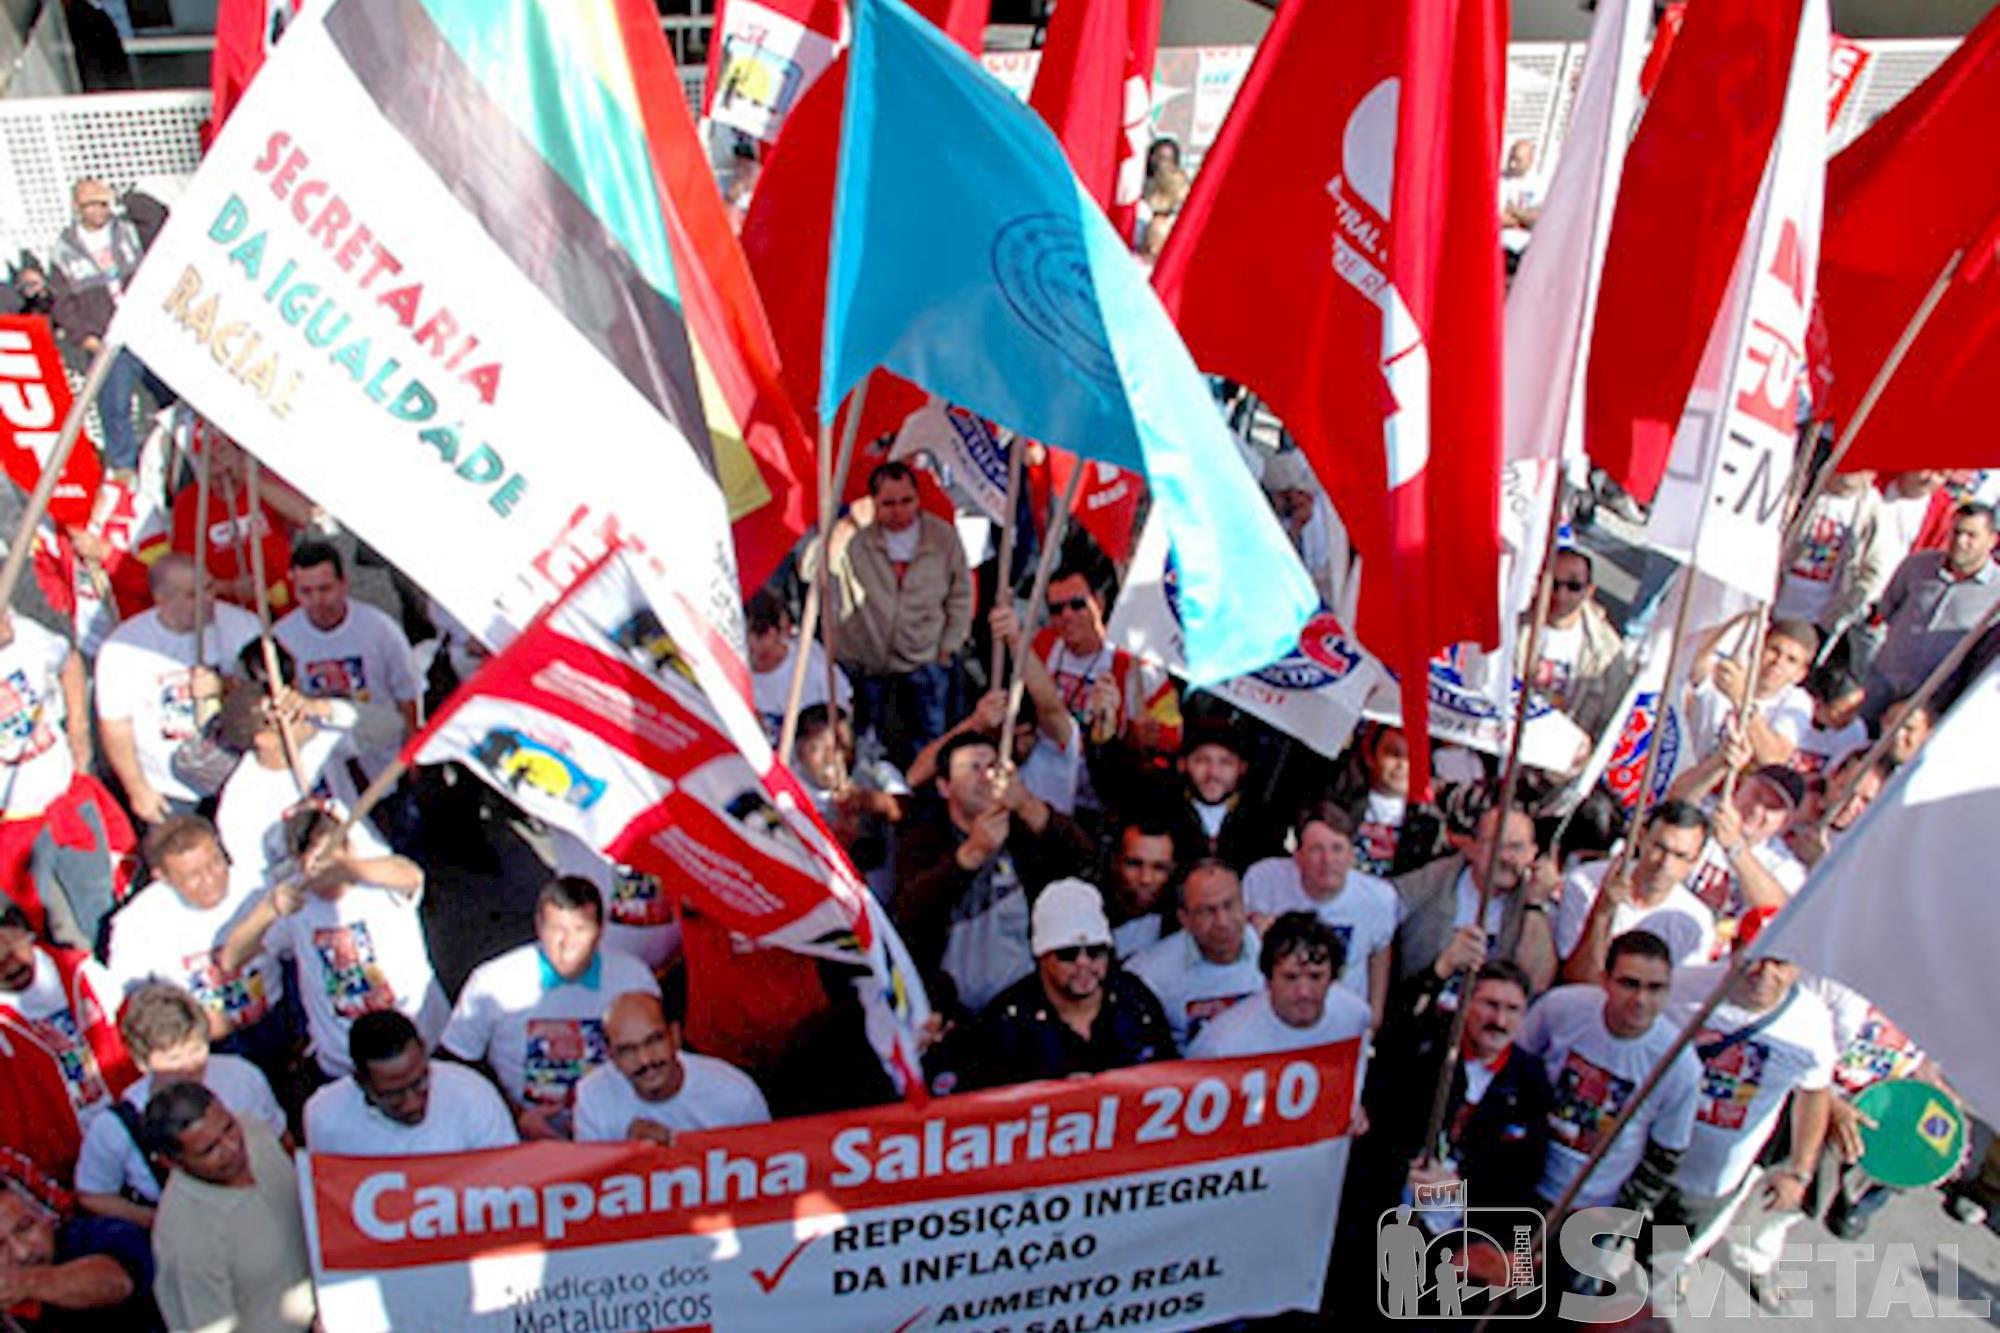 Entrega da pauta da Campanha Salarial 2010